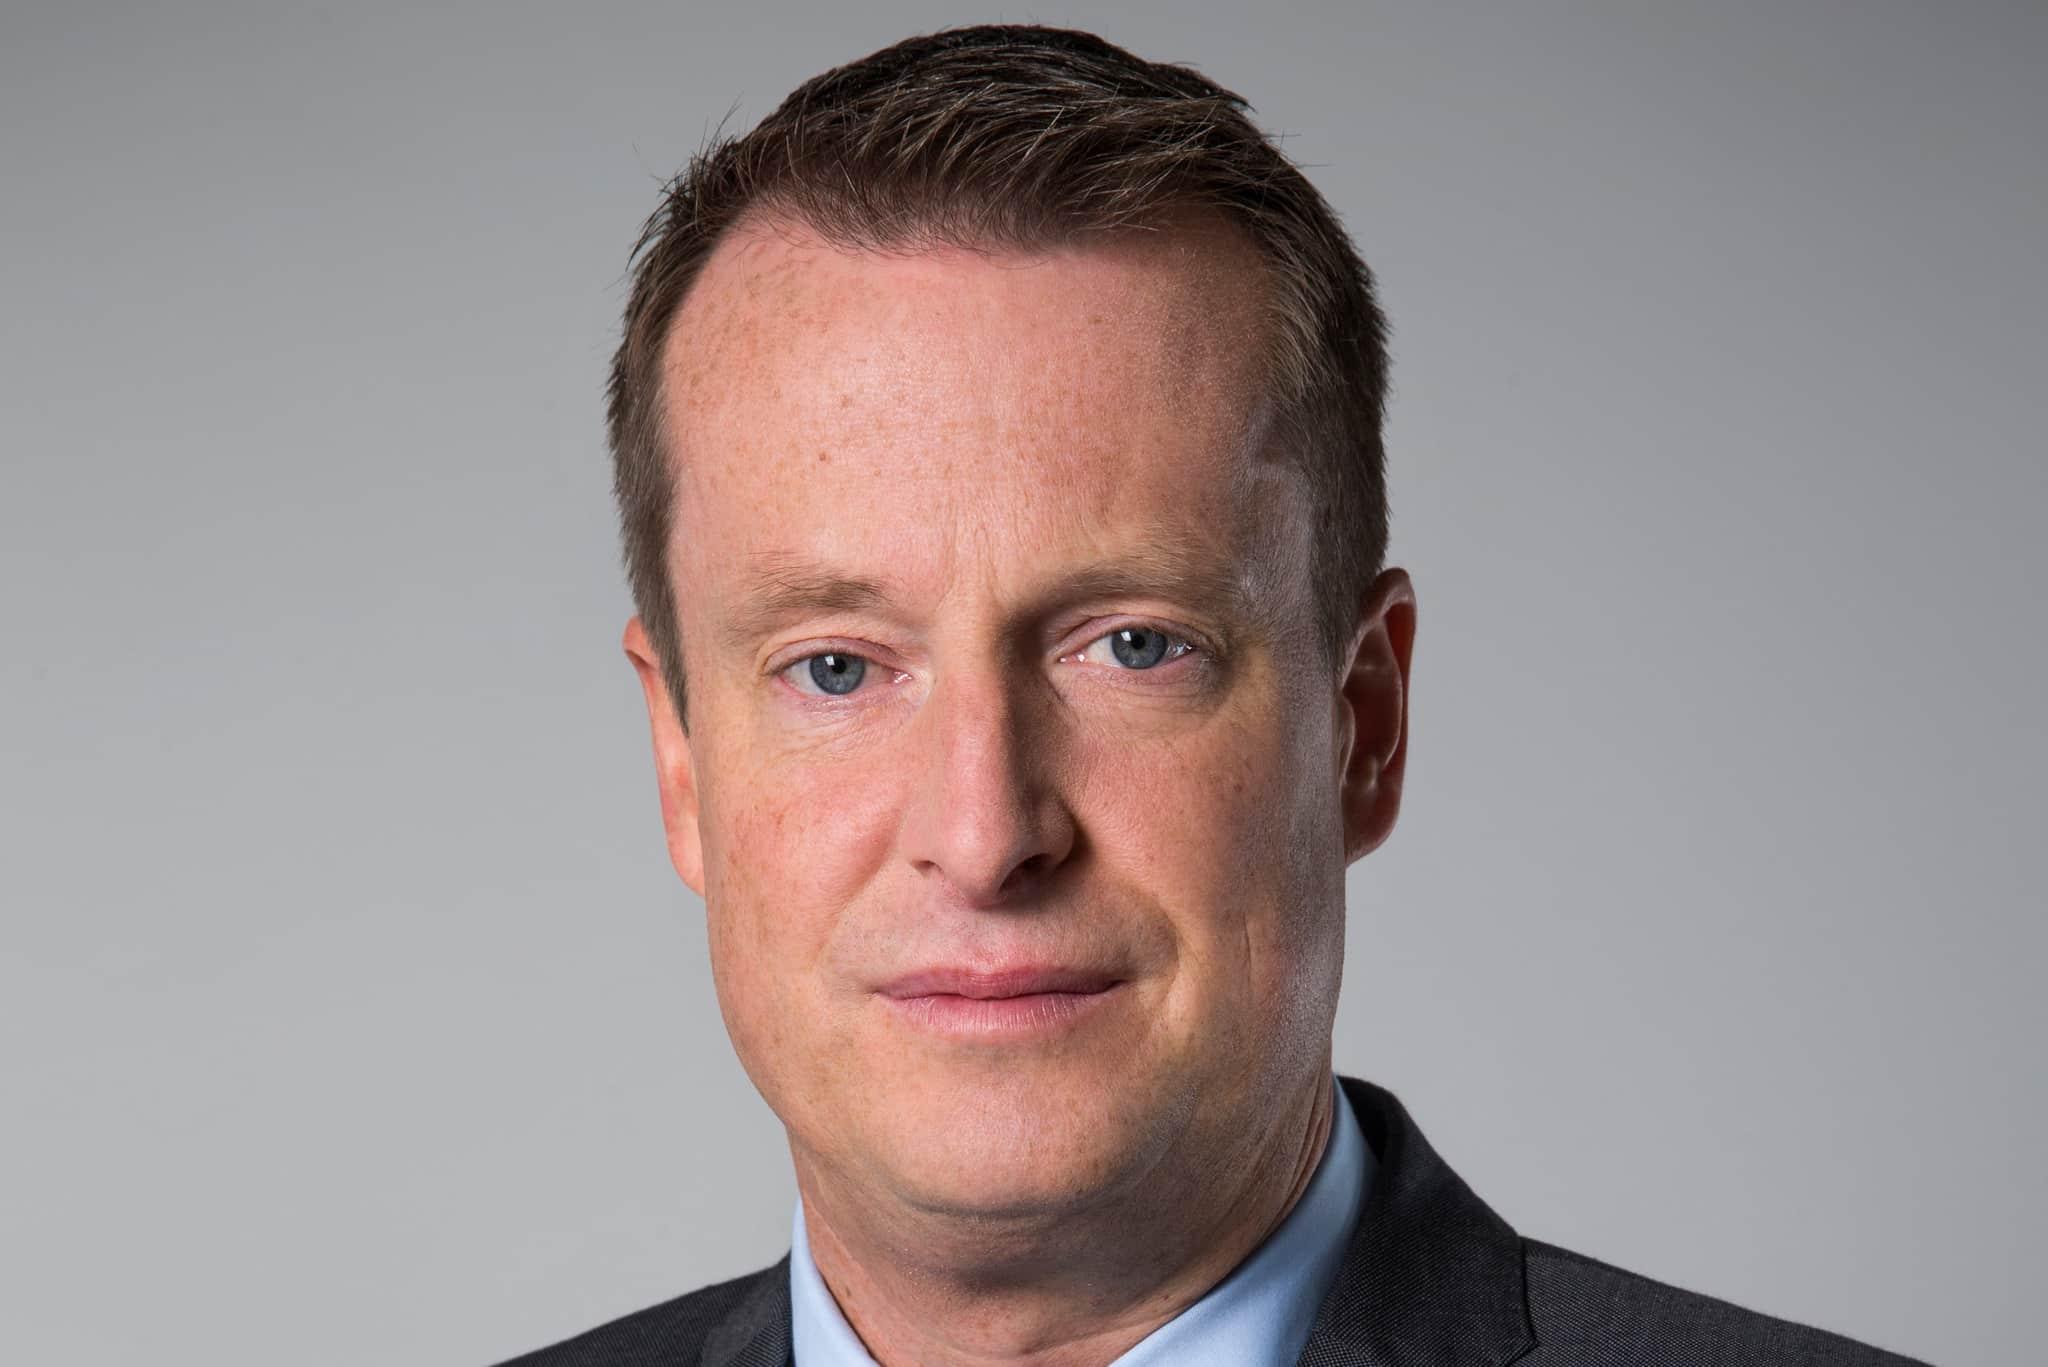 Inrikesminister Anders Ygeman vill att EU-kommissionens förslag till nytt vapendirektiv arbetas om. Han är bland annat kritisk mot obligatorisk läkarundersökning och tidsbegränsade licenser.